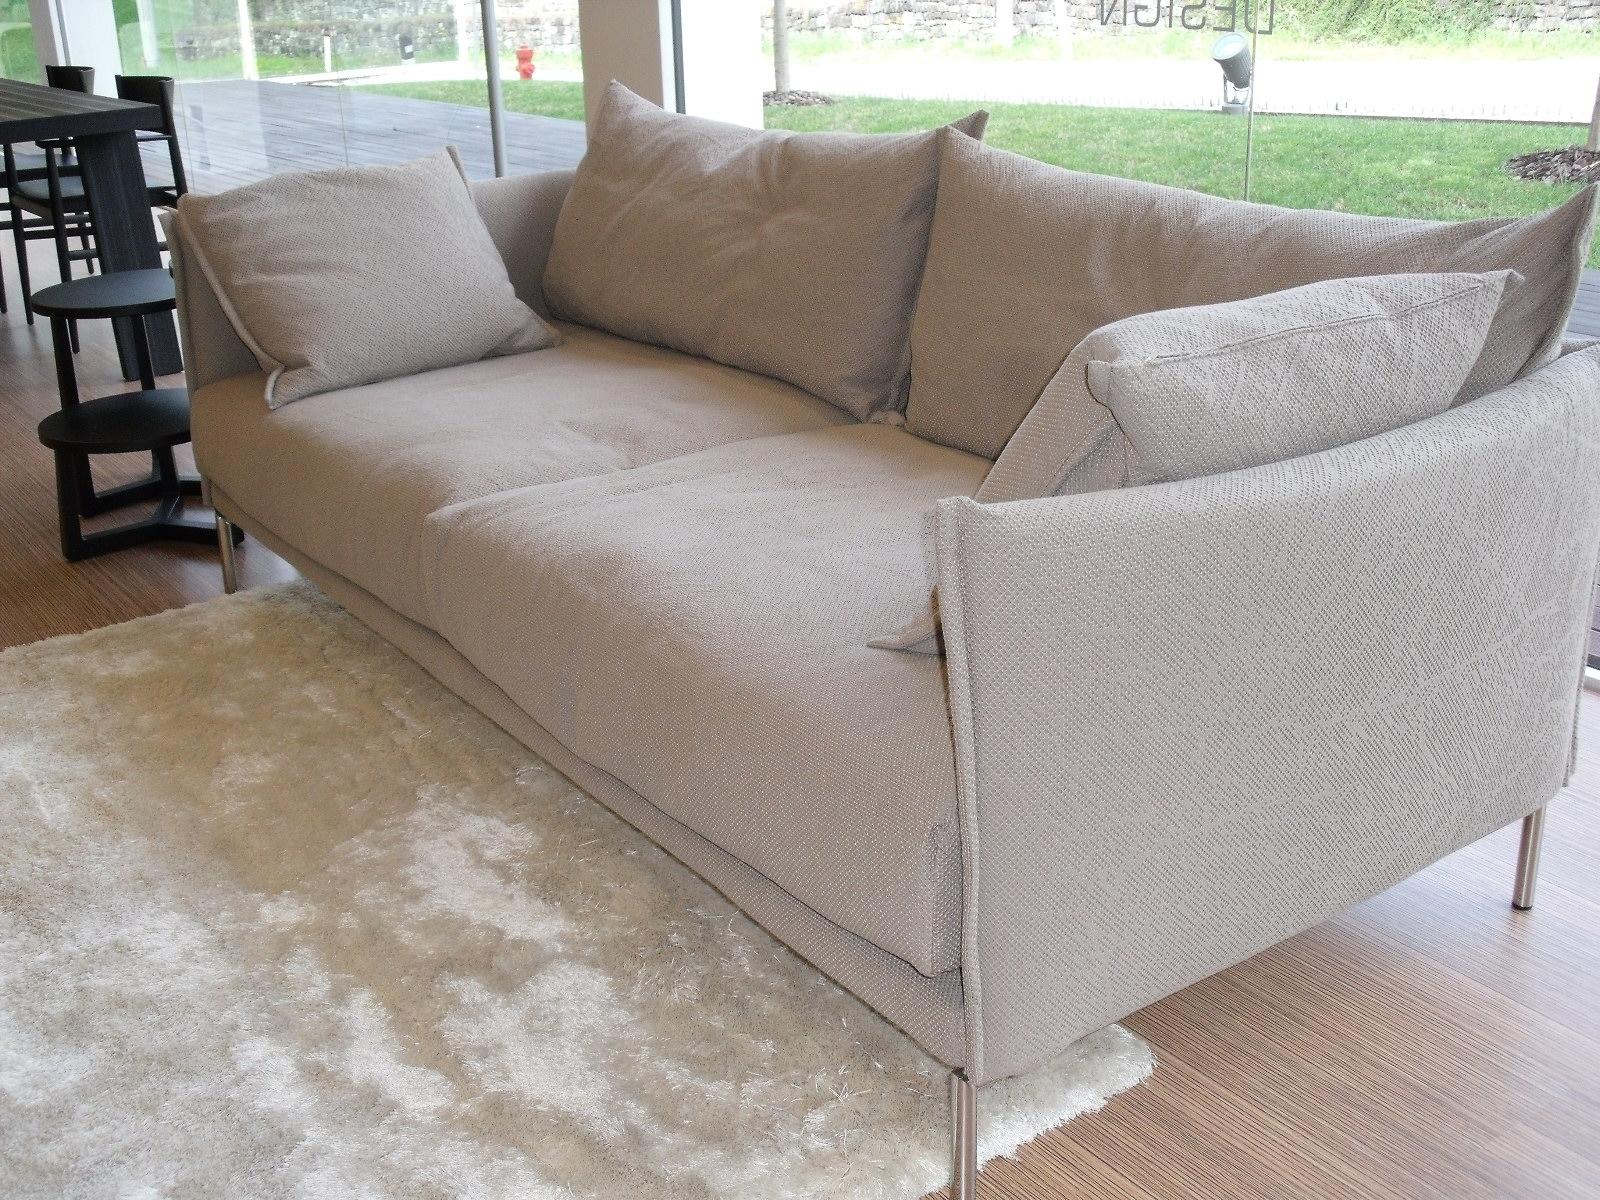 Divano moroso gentry divano tessuto divani a prezzi scontati for Prezzi divani angolari tessuto